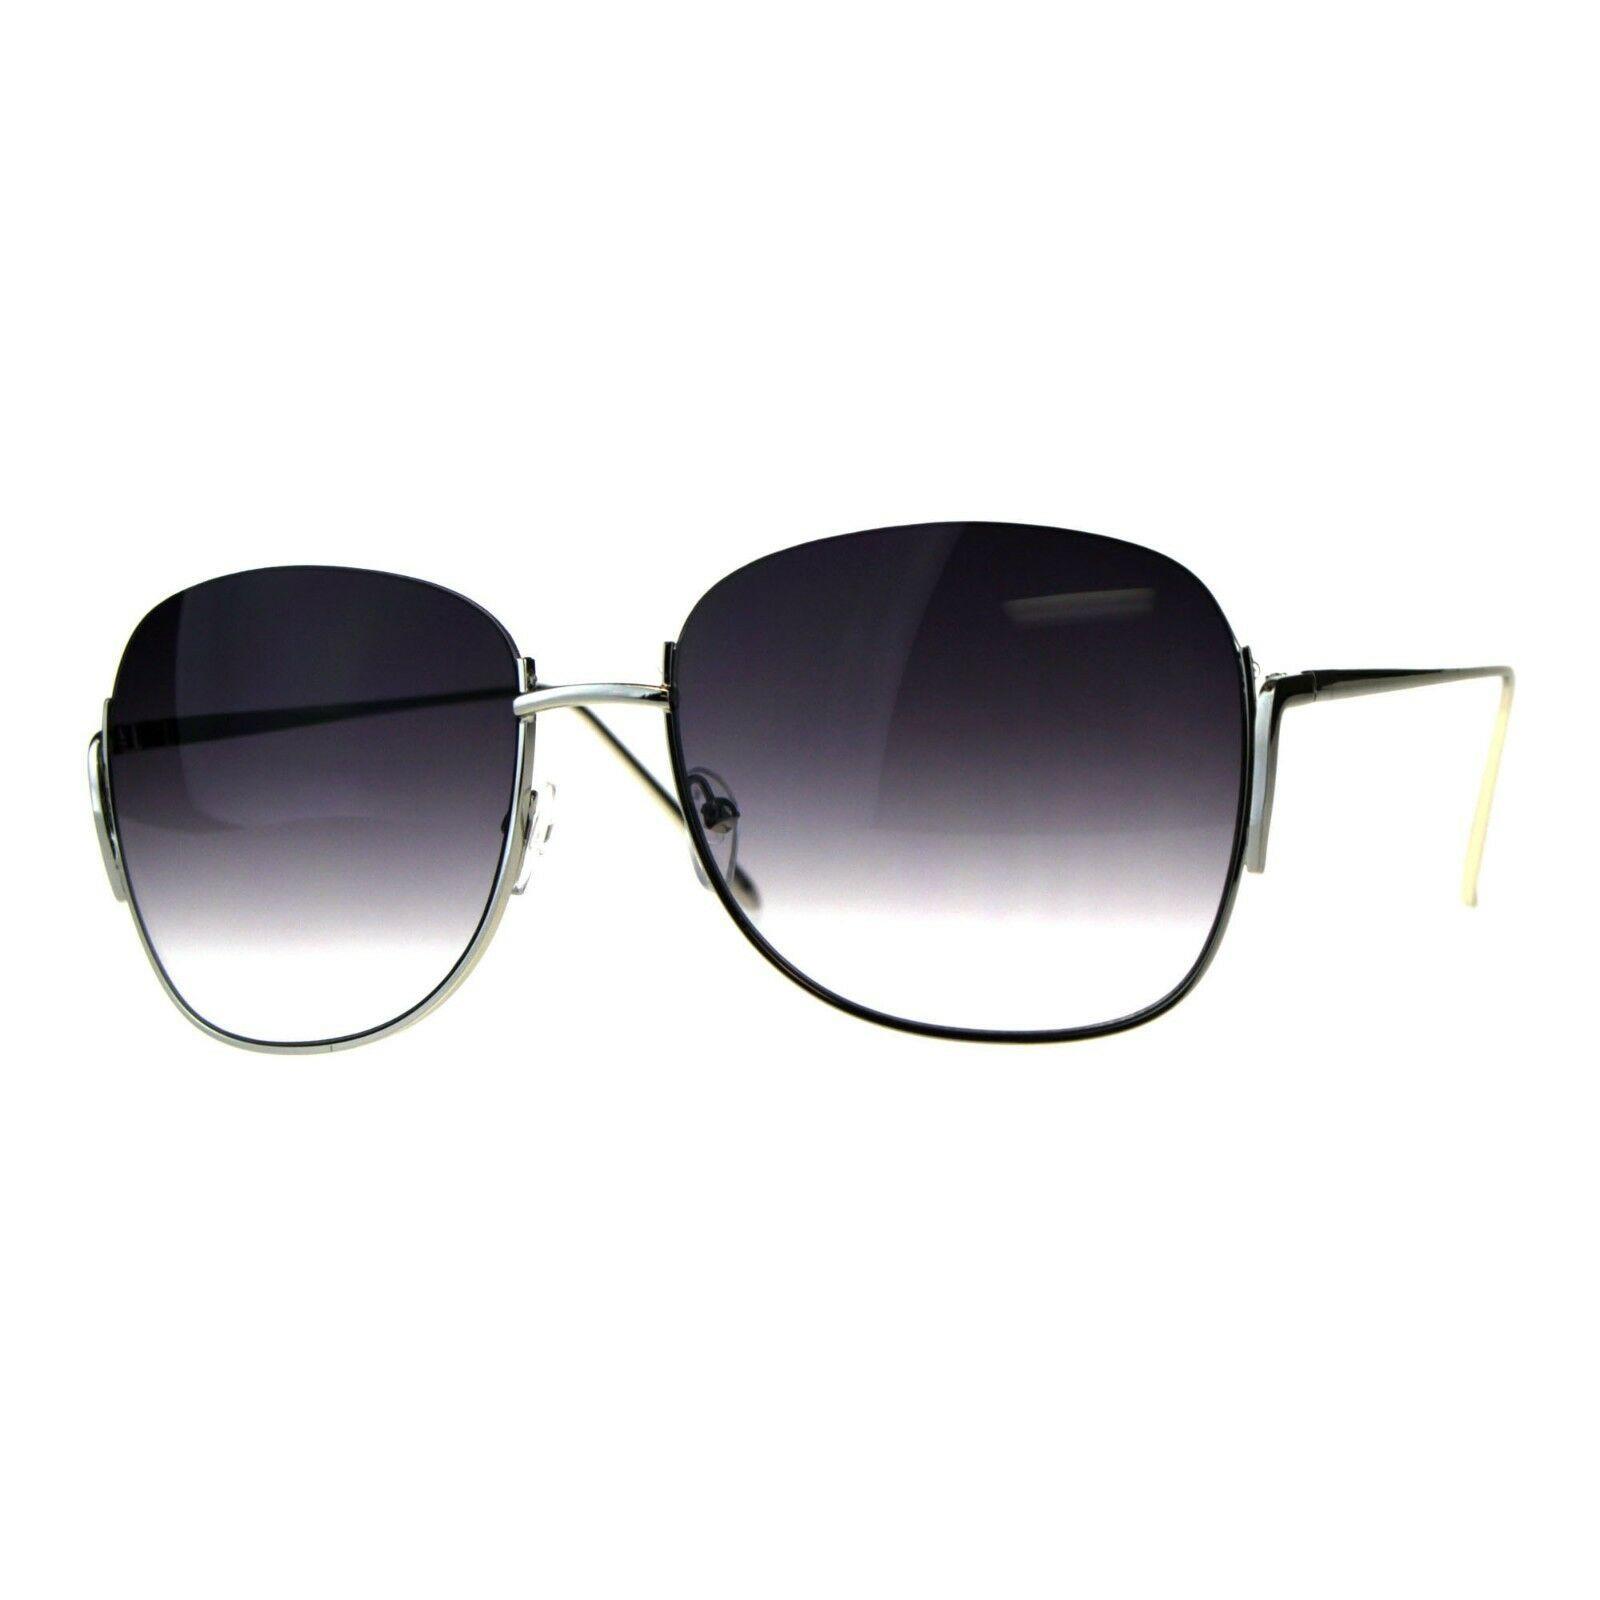 Designer Fashion Sunglasses Womens Half Rim Open Top Ombre Lens